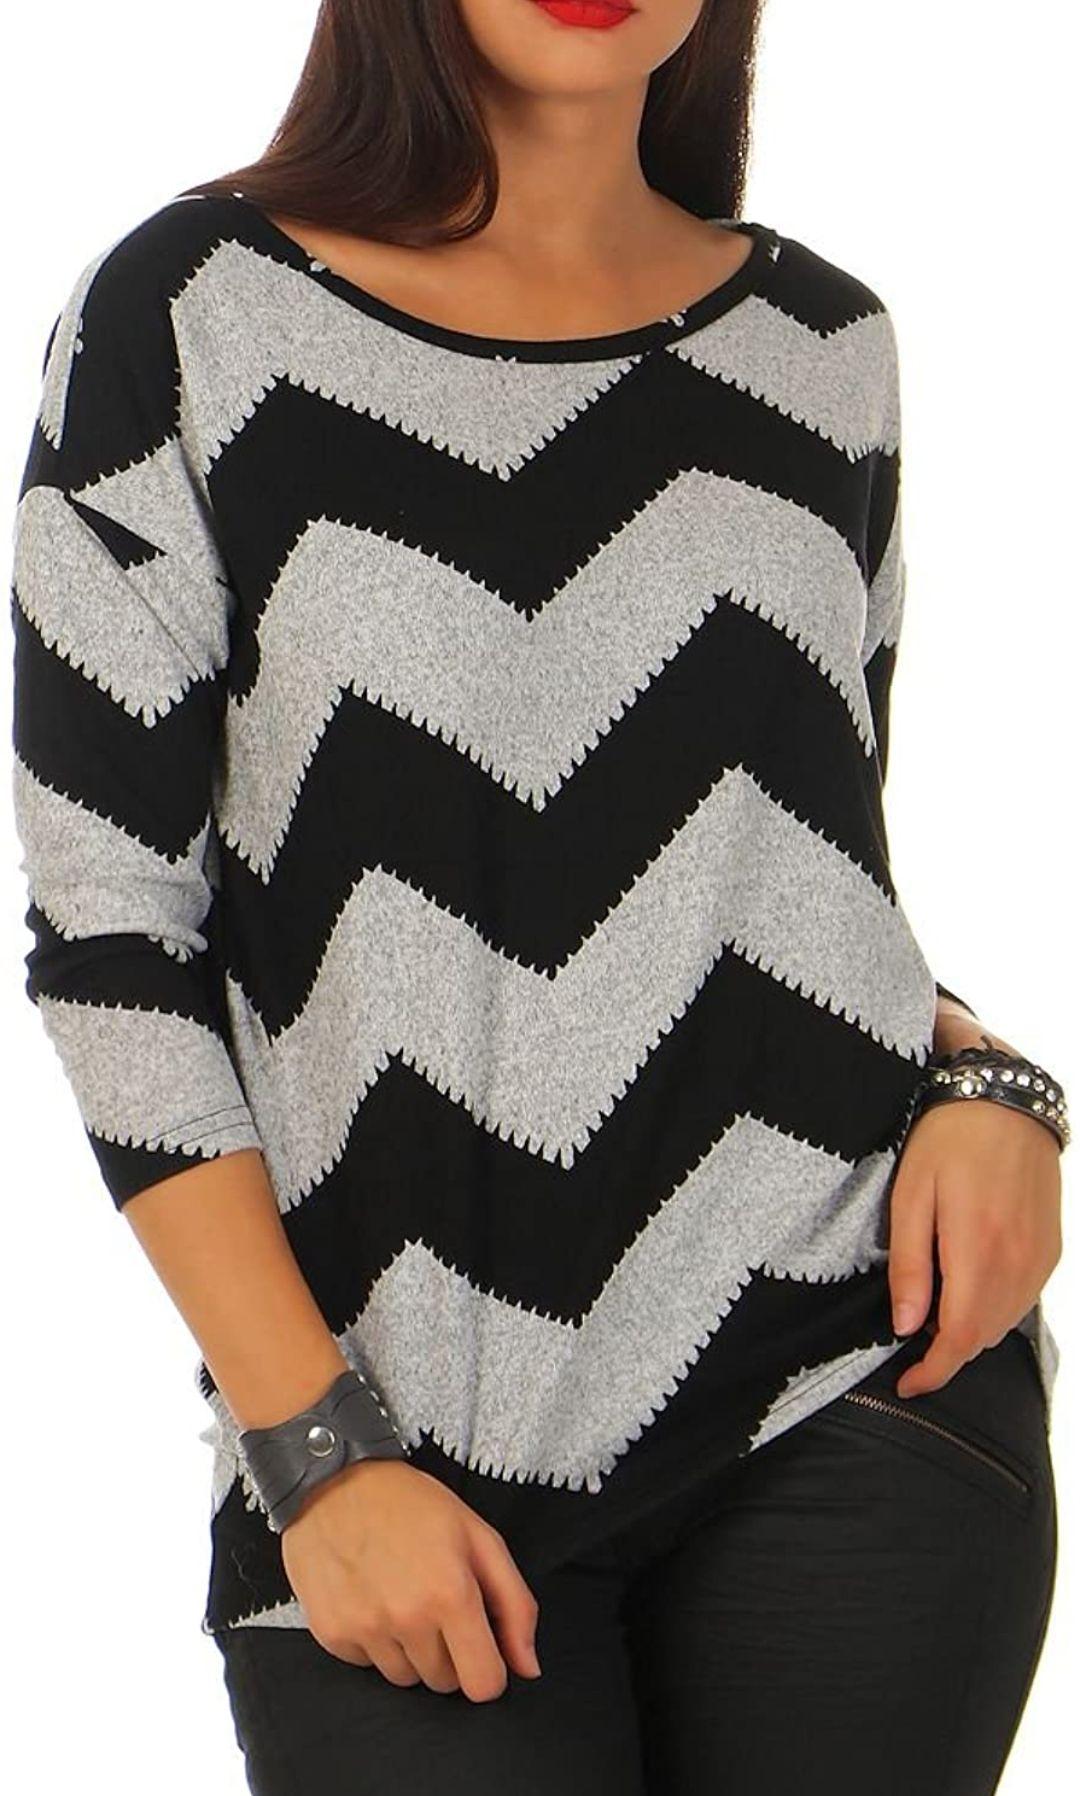 Camiseta Only con diseño zigzag y manga 3/4 para mujer. Todas las tallas.